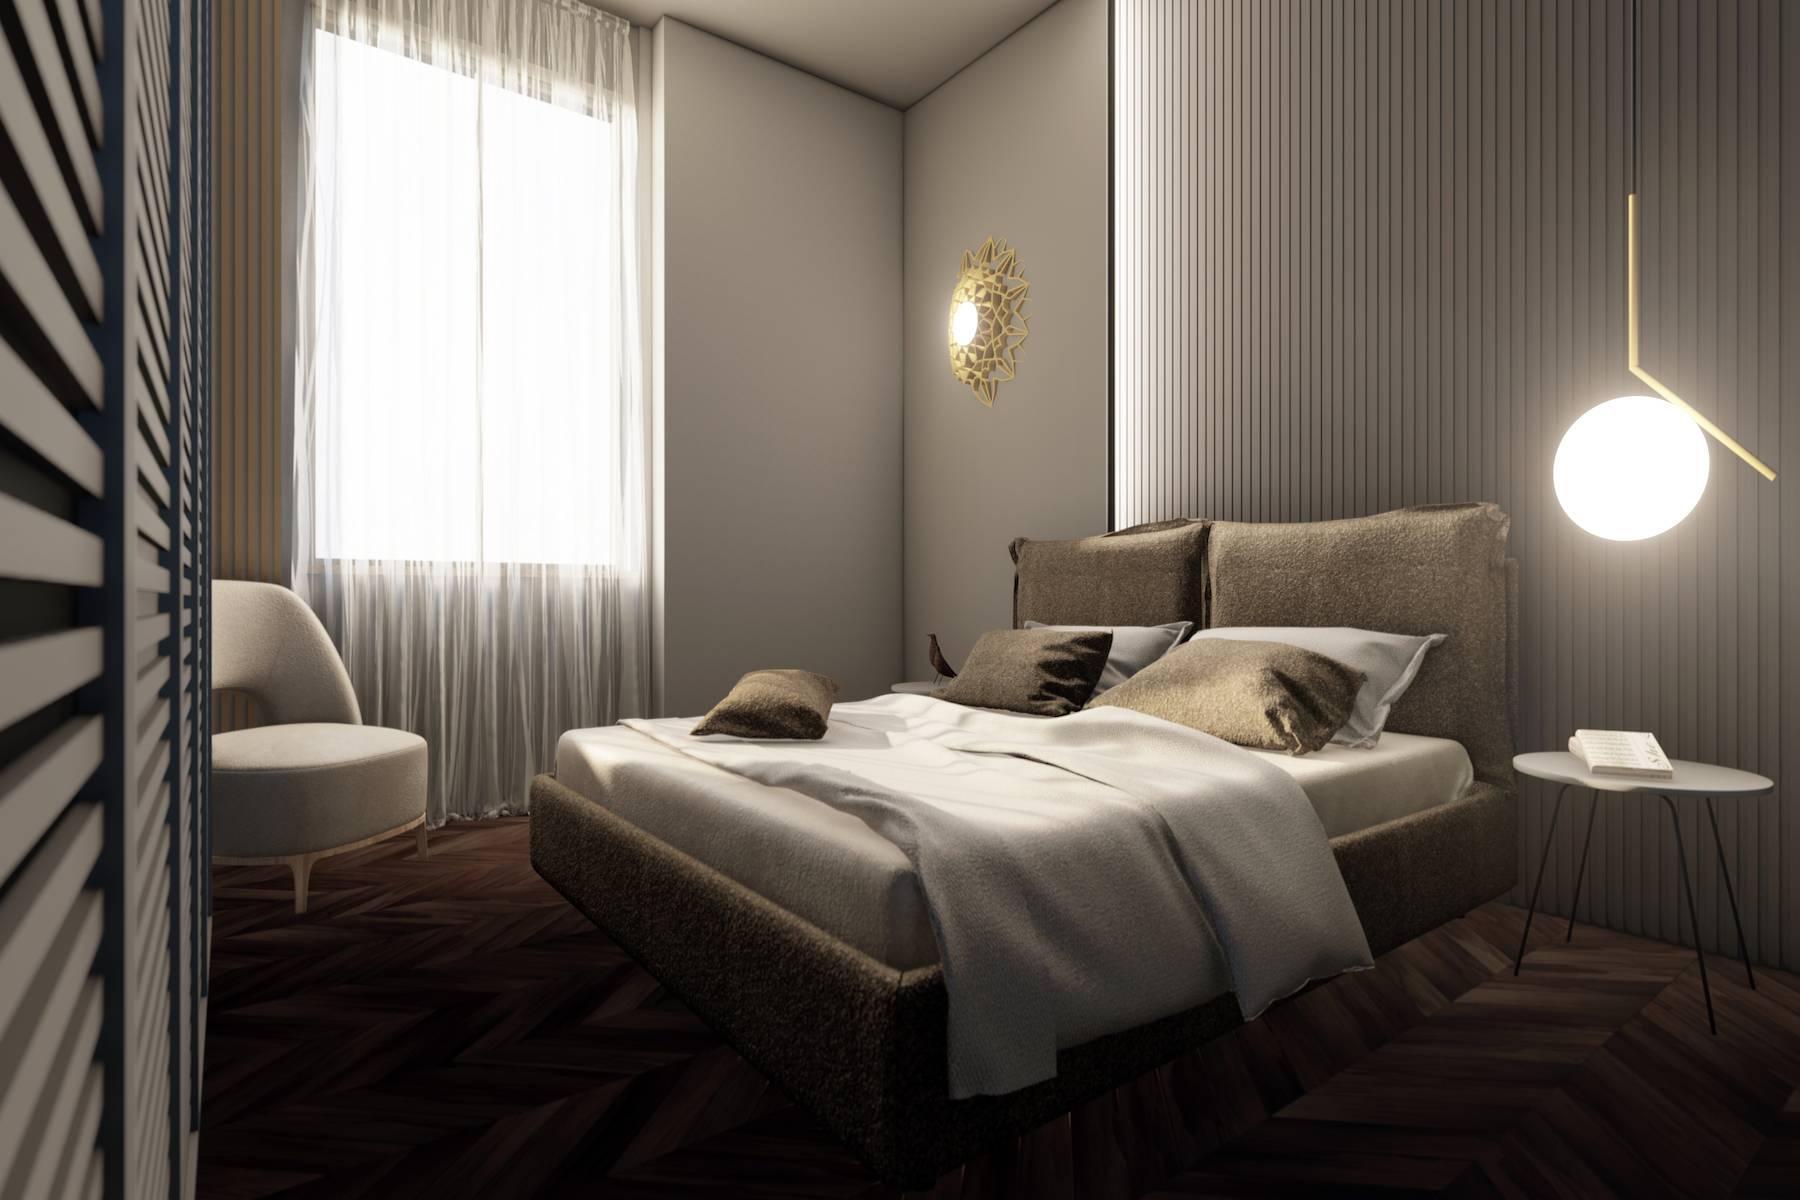 Luxury seafront apartment in Viareggio - 6